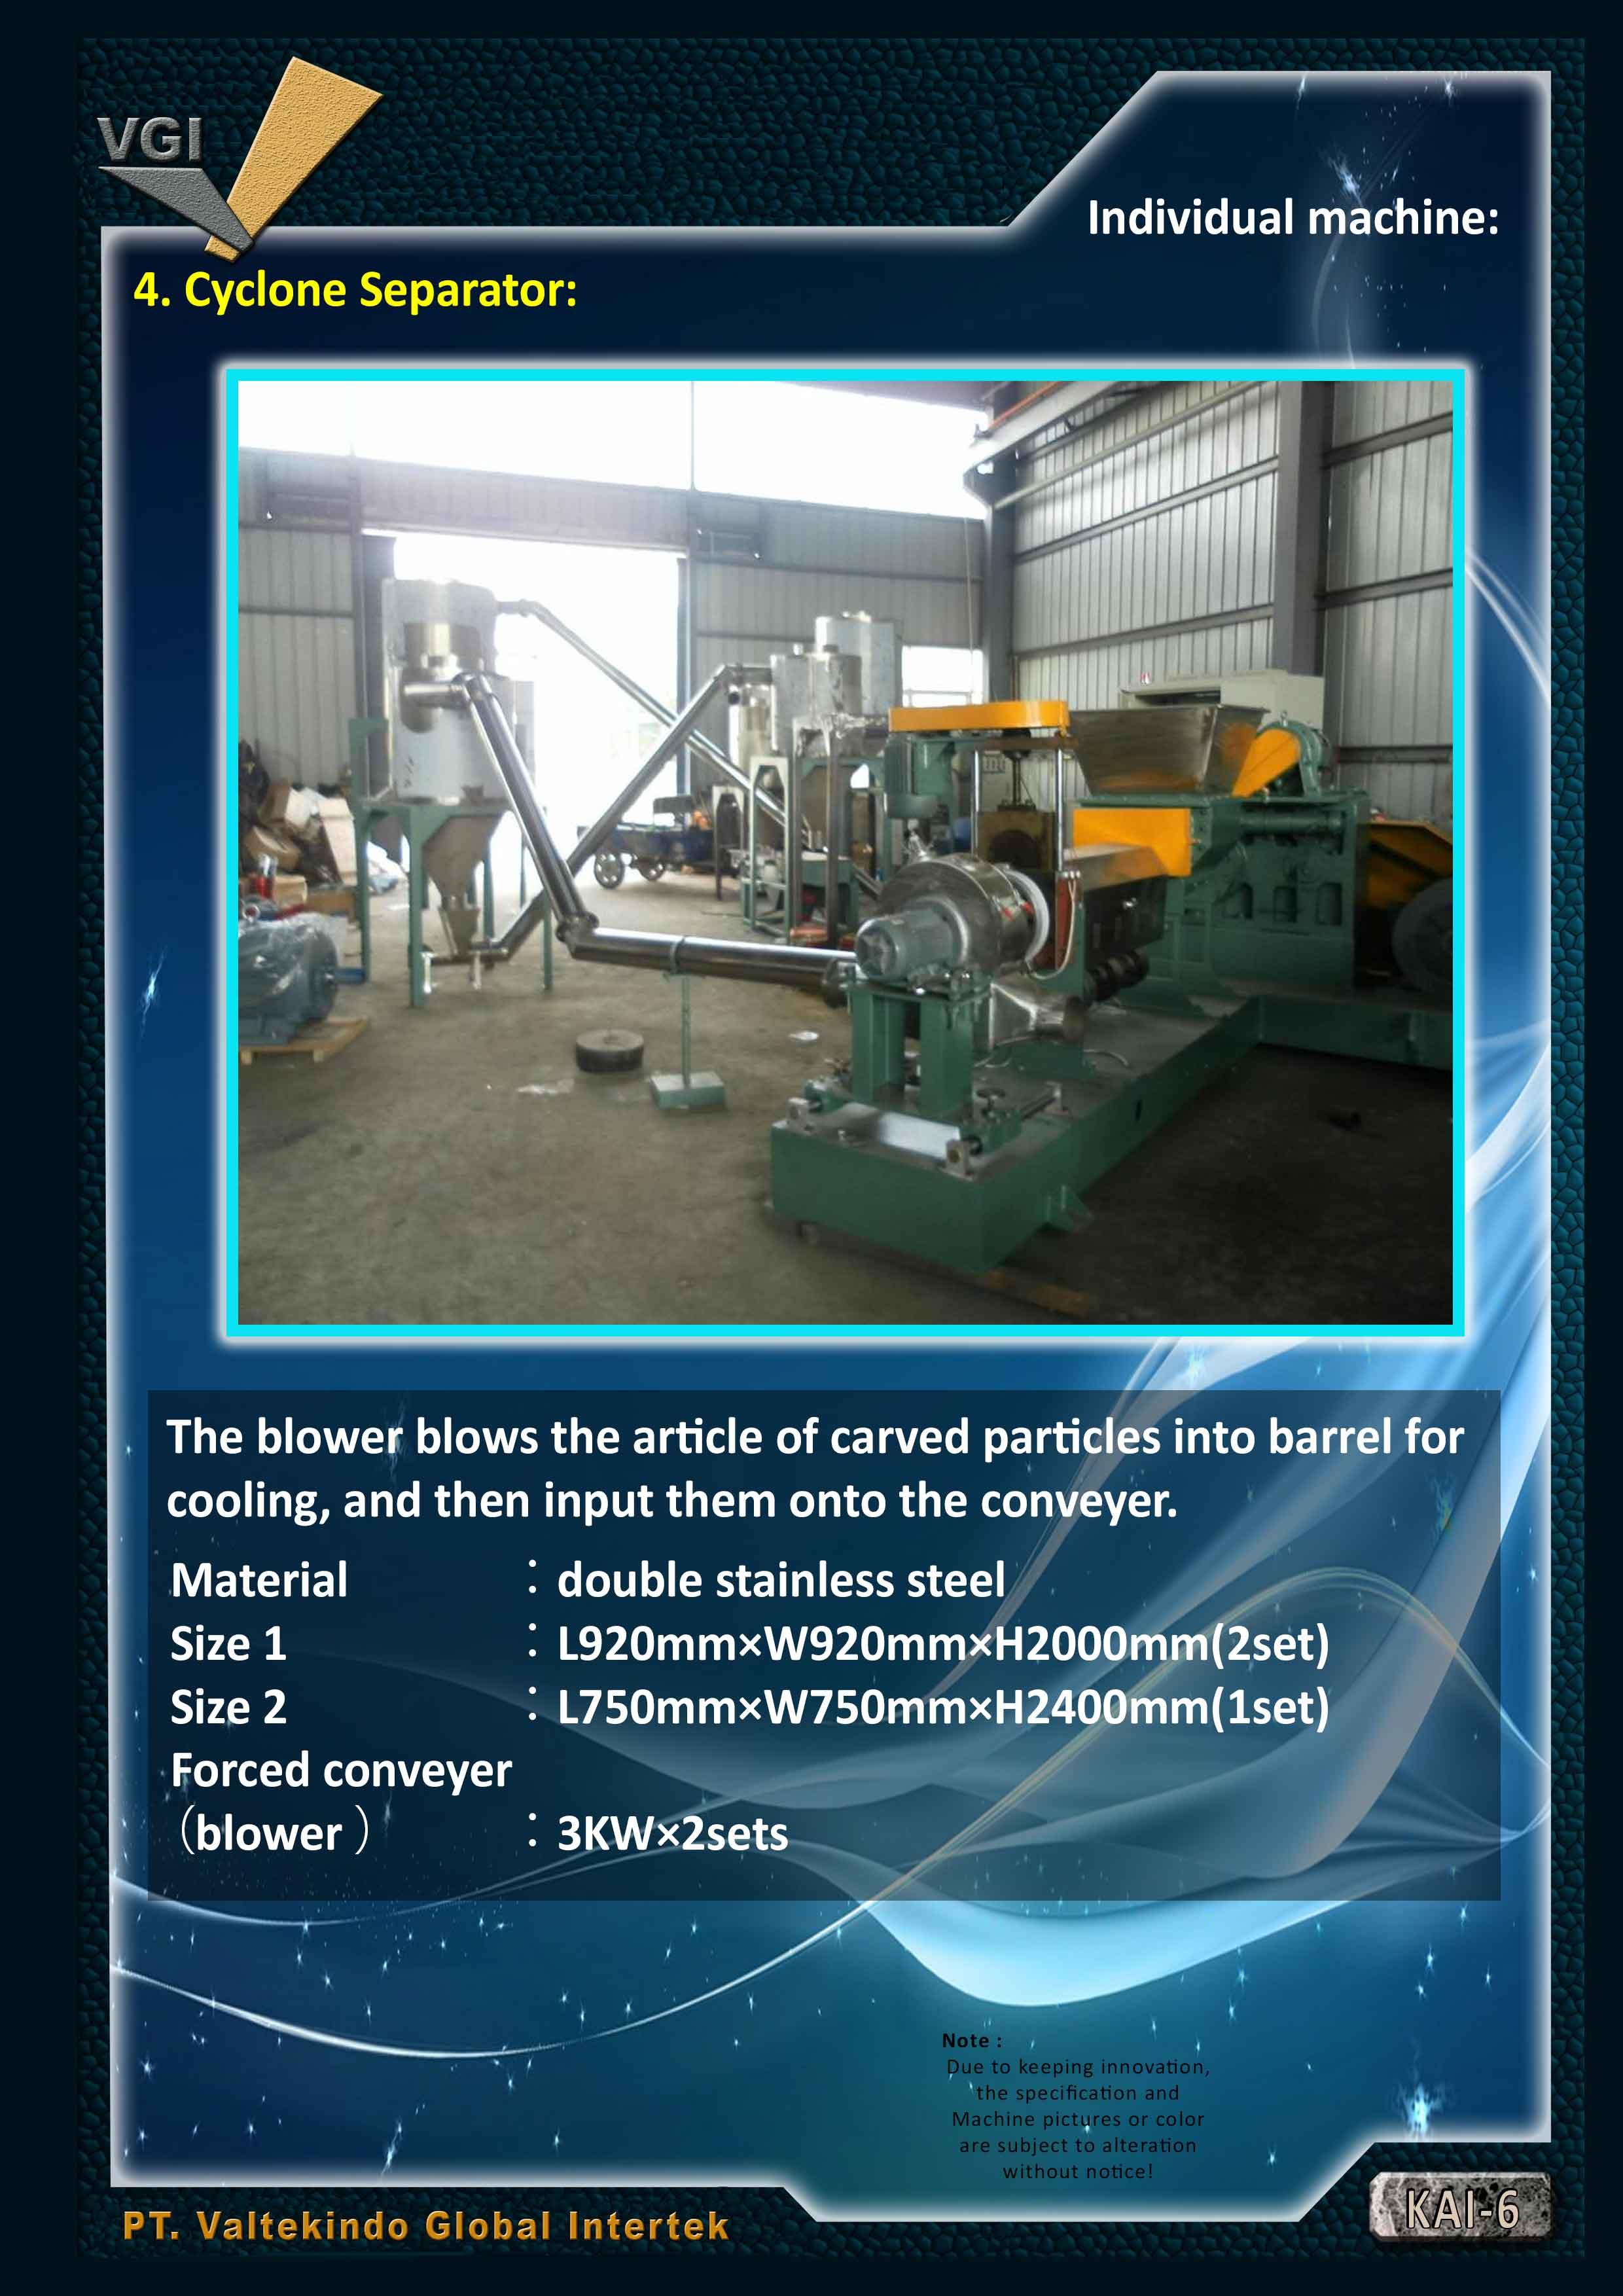 jual mesin Pembuat biji karet 100 s/d 150Kg per hour 5 Pembuat biji karet 100 s/d 150Kg per hour 5